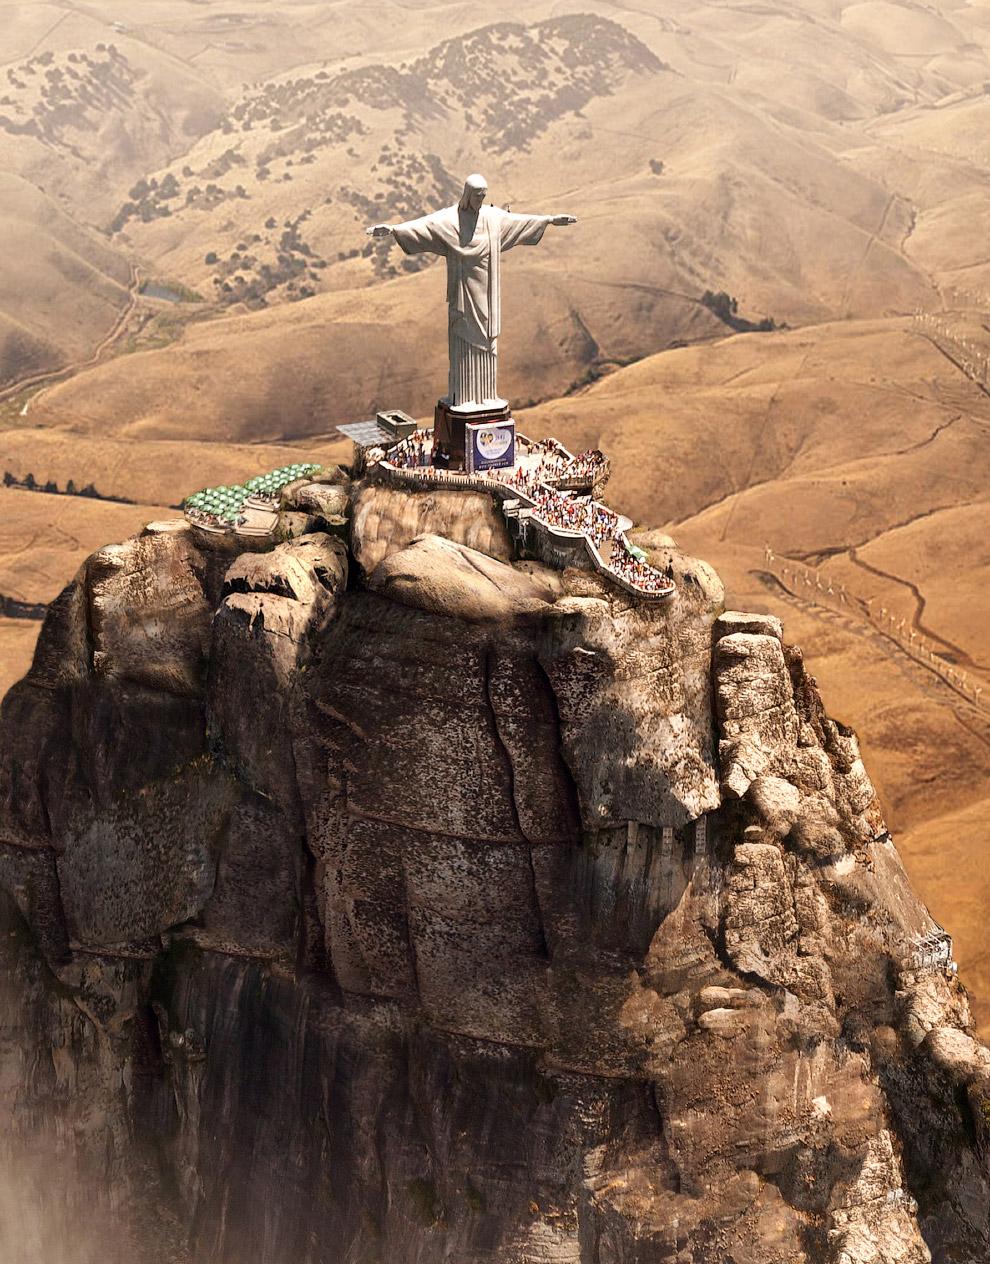 Статуя Христа-Искупителя во время засухи в Рио-де-Жанейро, Бразилия